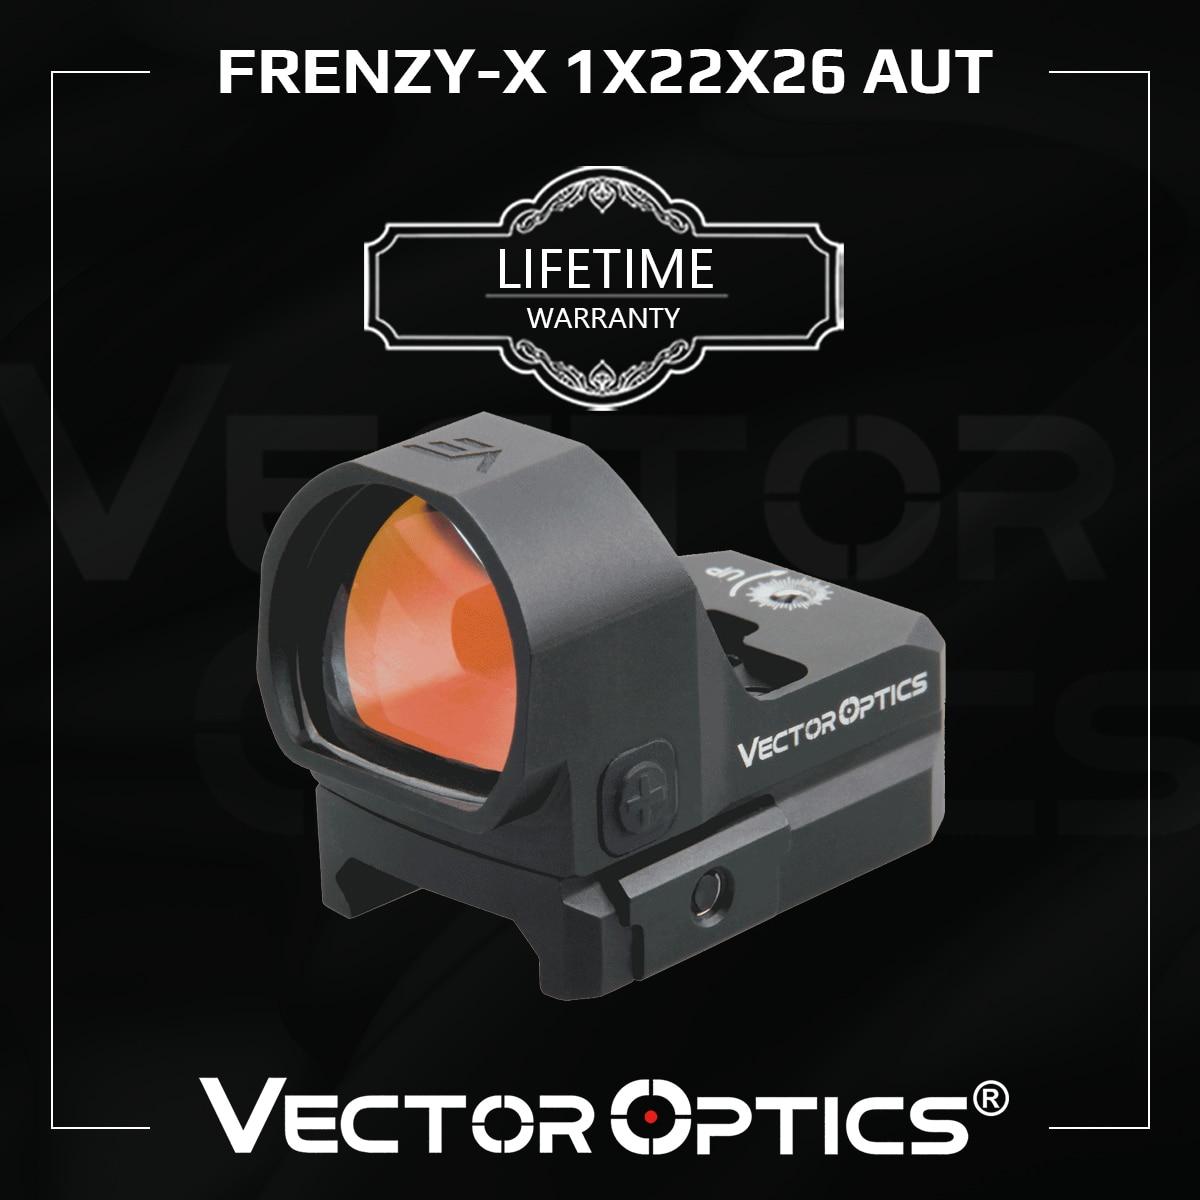 ناقلات البصريات الهيجان-X 1x22x26 أوت ريد دوت نطاق إضاءة أوتوماتيكية الاستشعار مسدس رد الفعل الصيد كوليماتور البصر ل غلوك 17 9 مللي متر